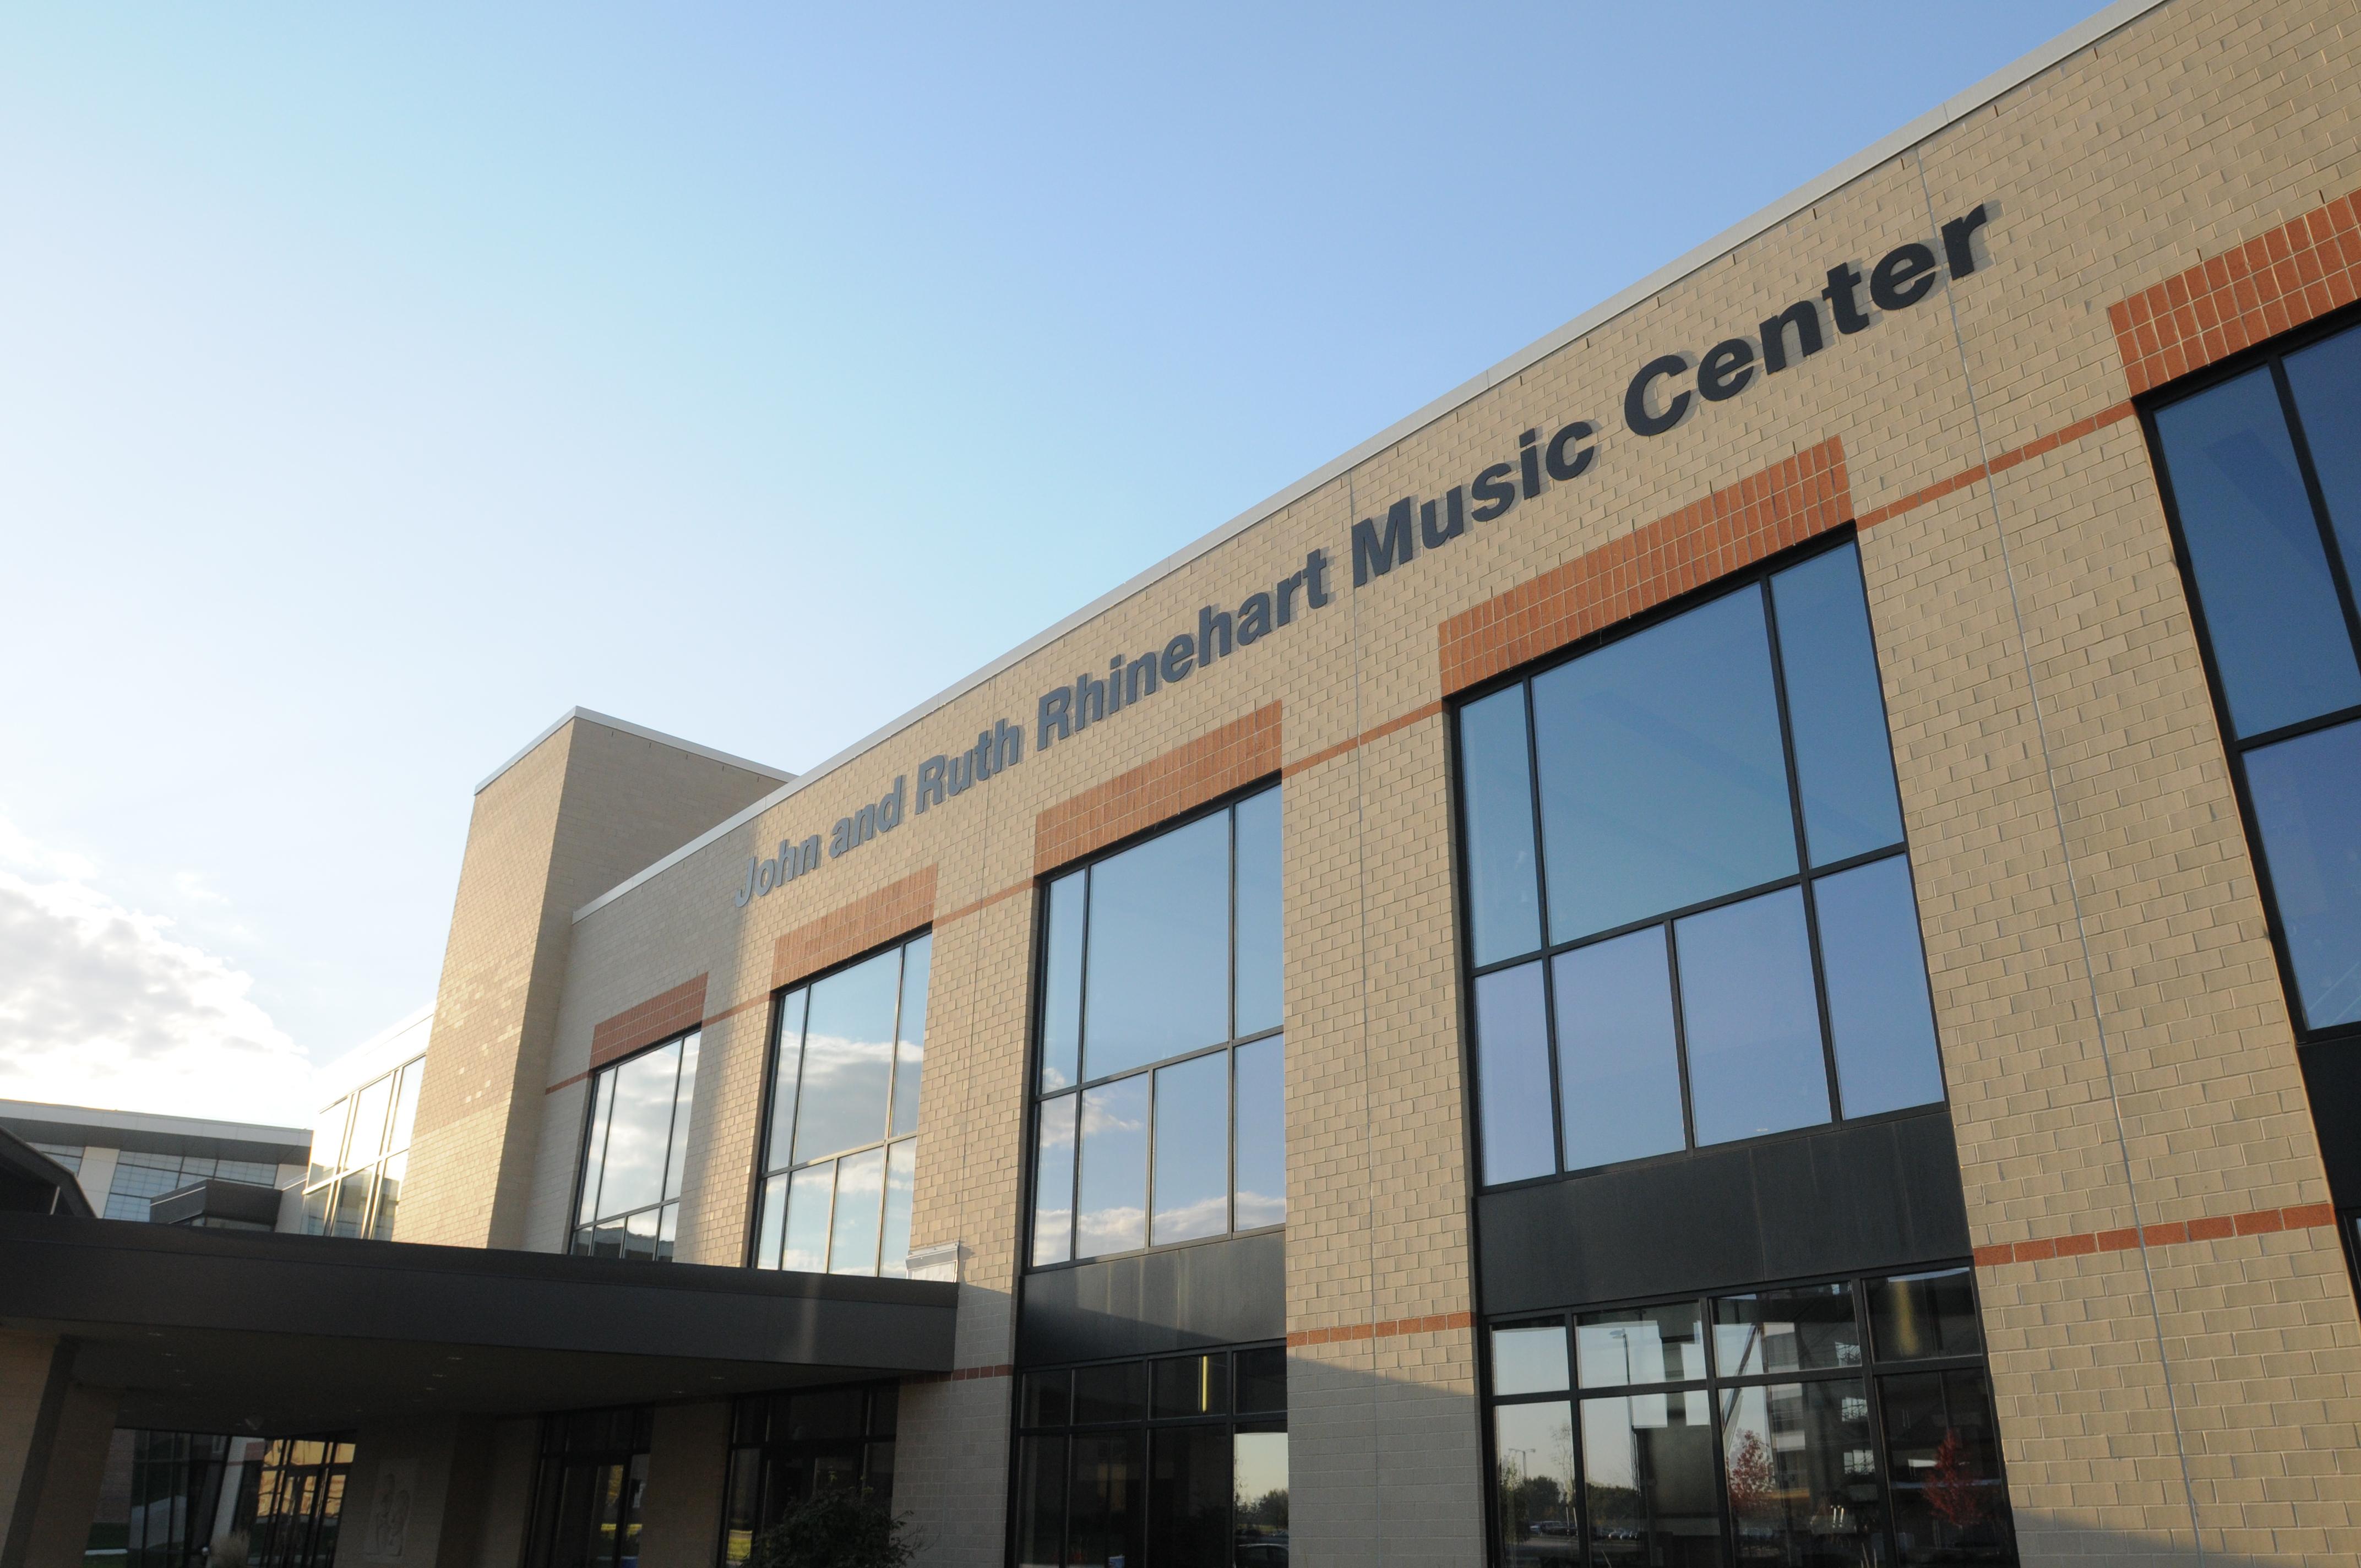 Rhinehart Music Center Rm TBD